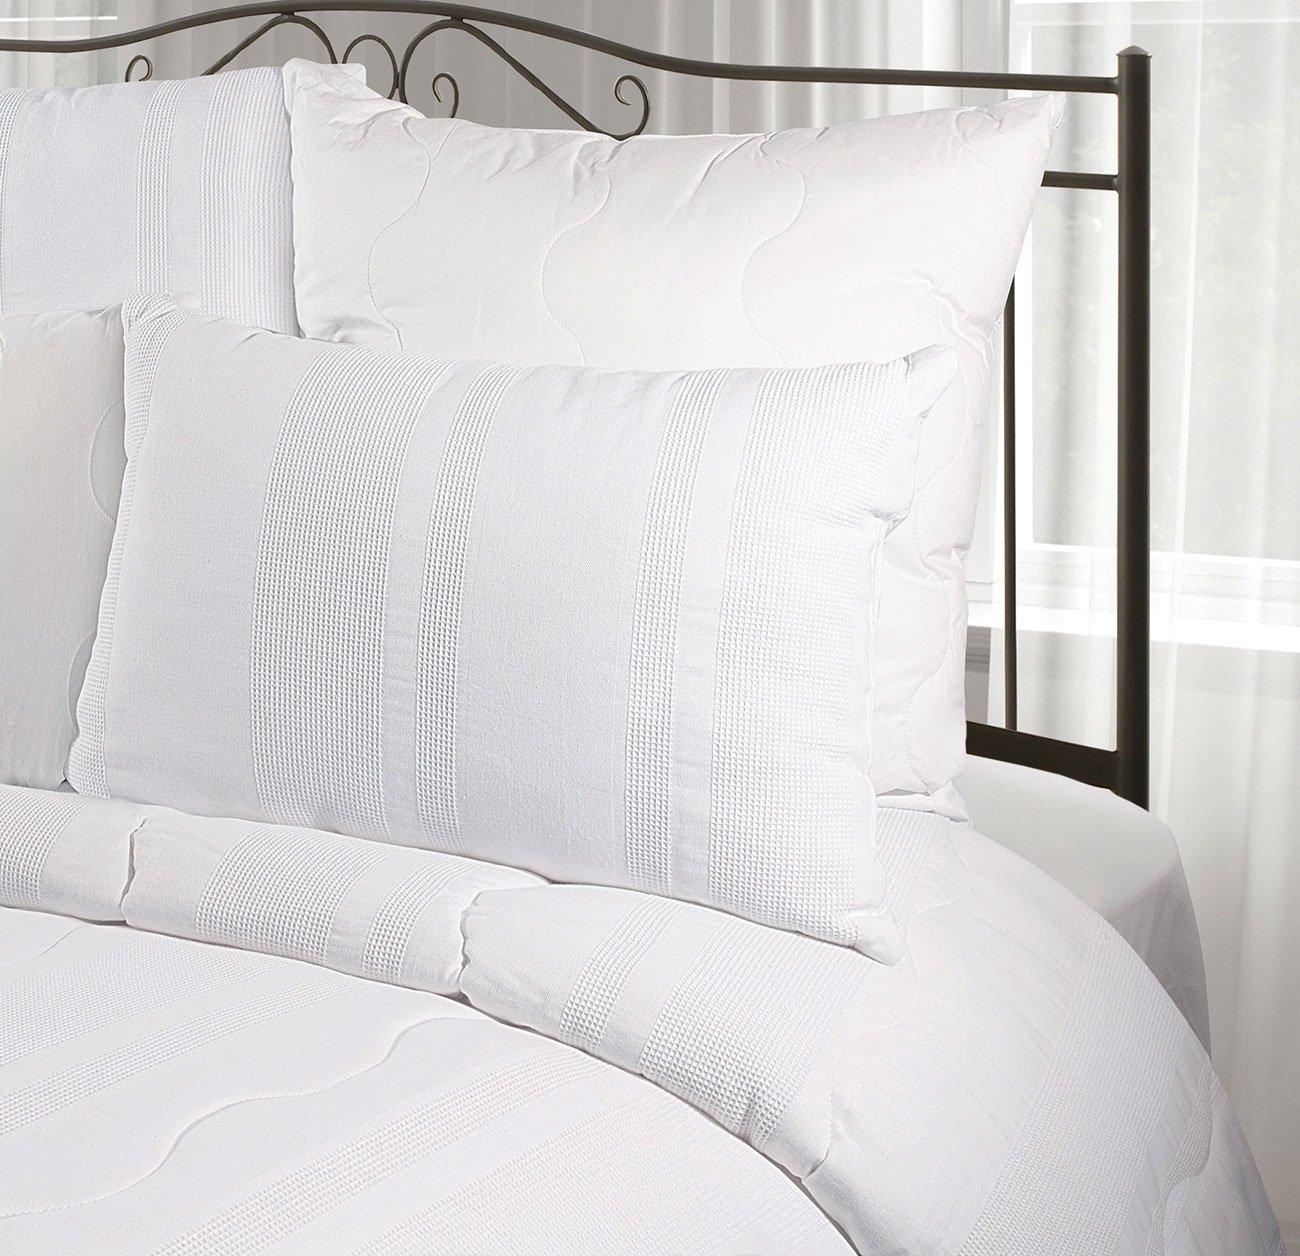 Одеяло с массажным эффектом Мягкое прикосновение Spa tex